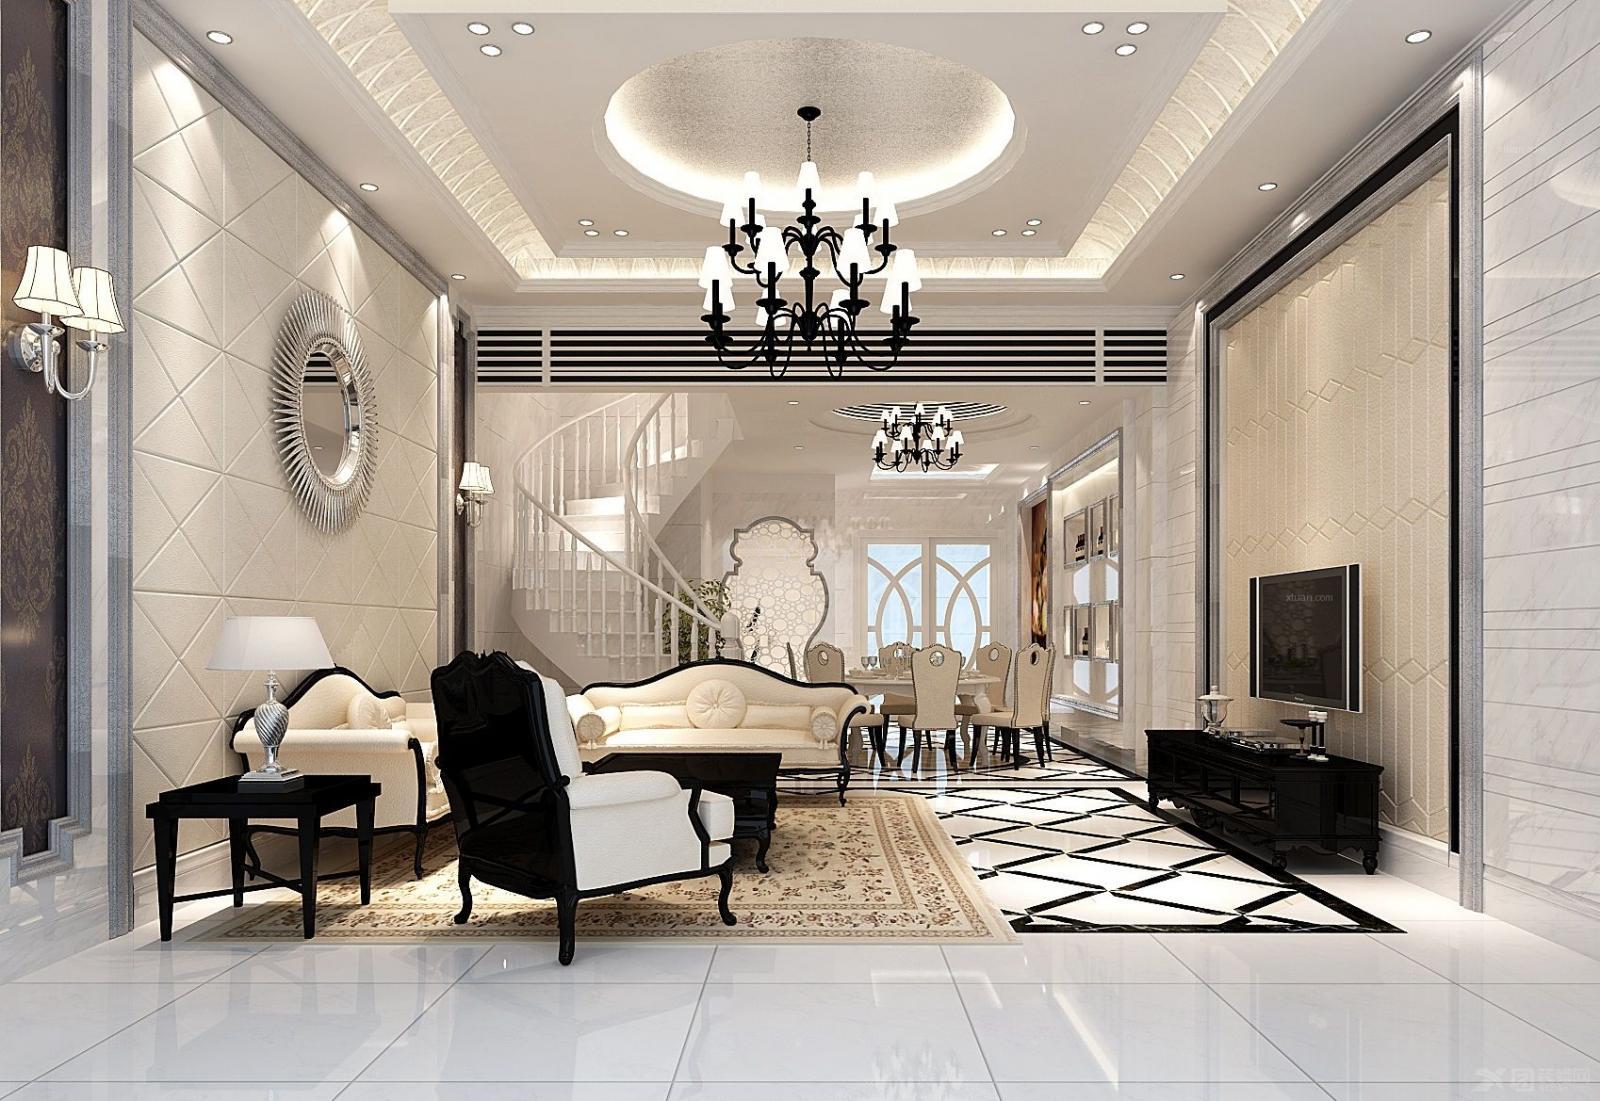 别墅简欧风格客厅电视背景墙_中骏蓝湾装修效果图-x团图片